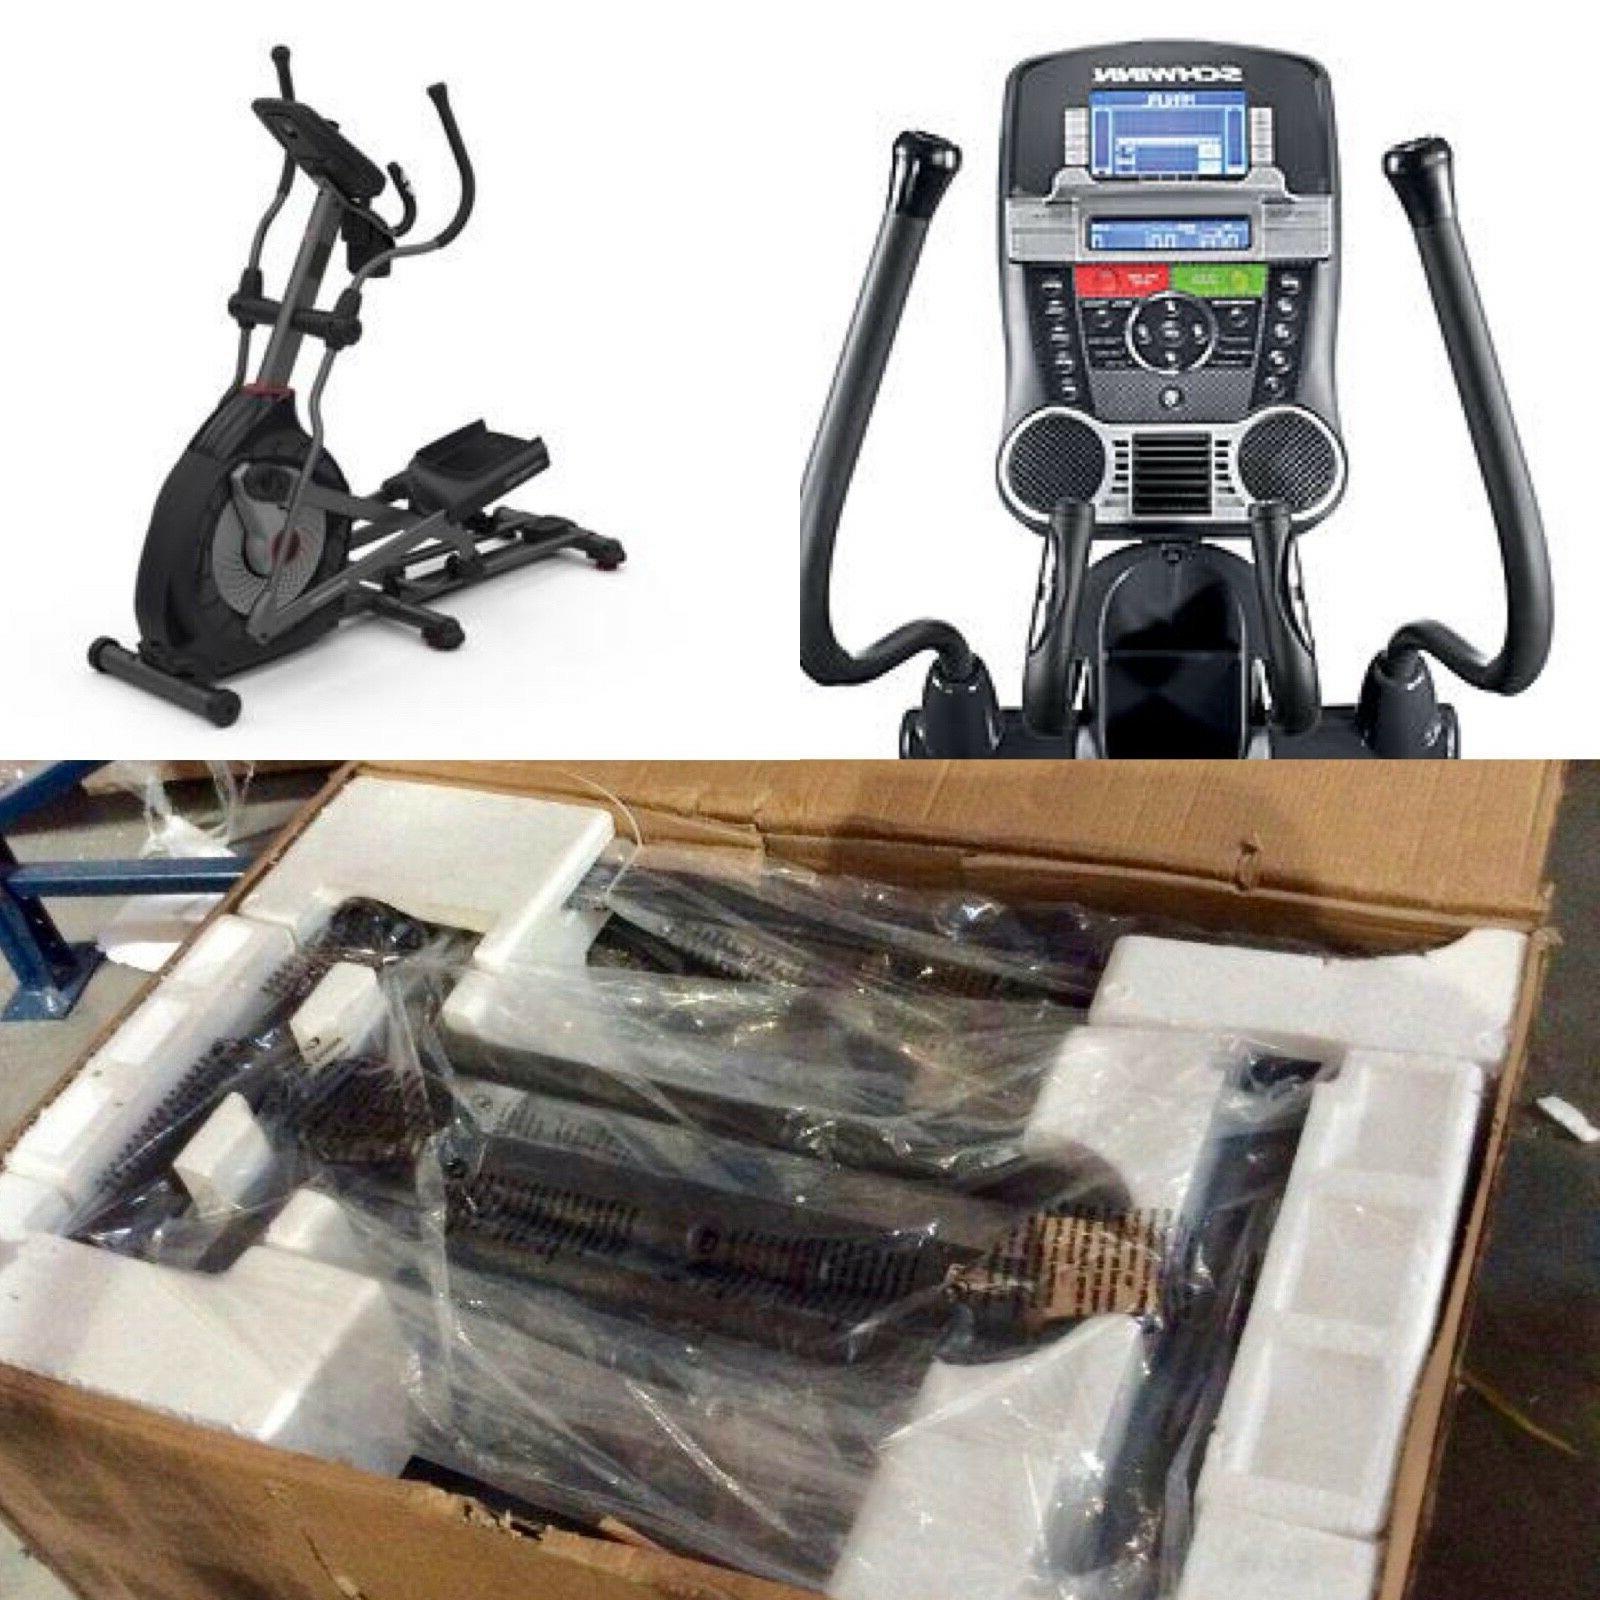 Schwinn 470 Eliptical Machine - Still New in Box